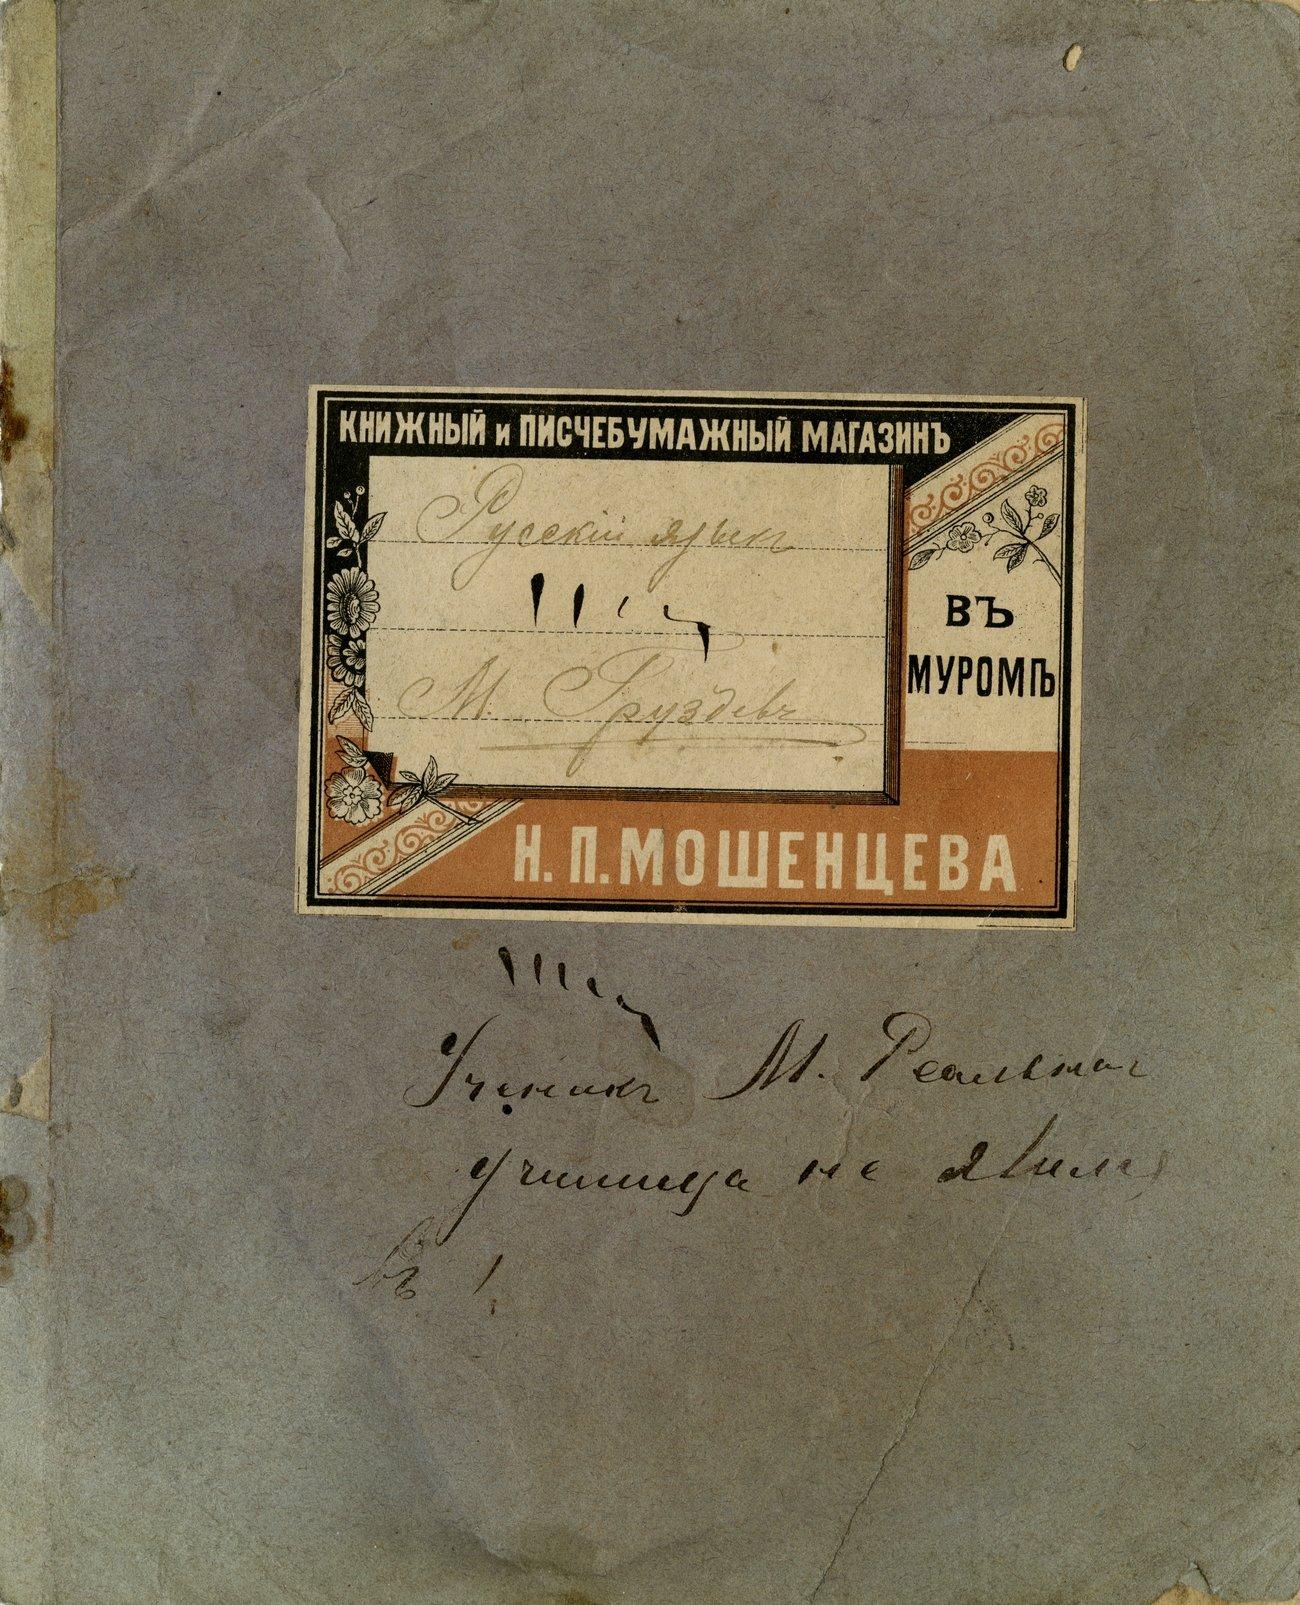 Тетрадь магазин Машенцева Муром